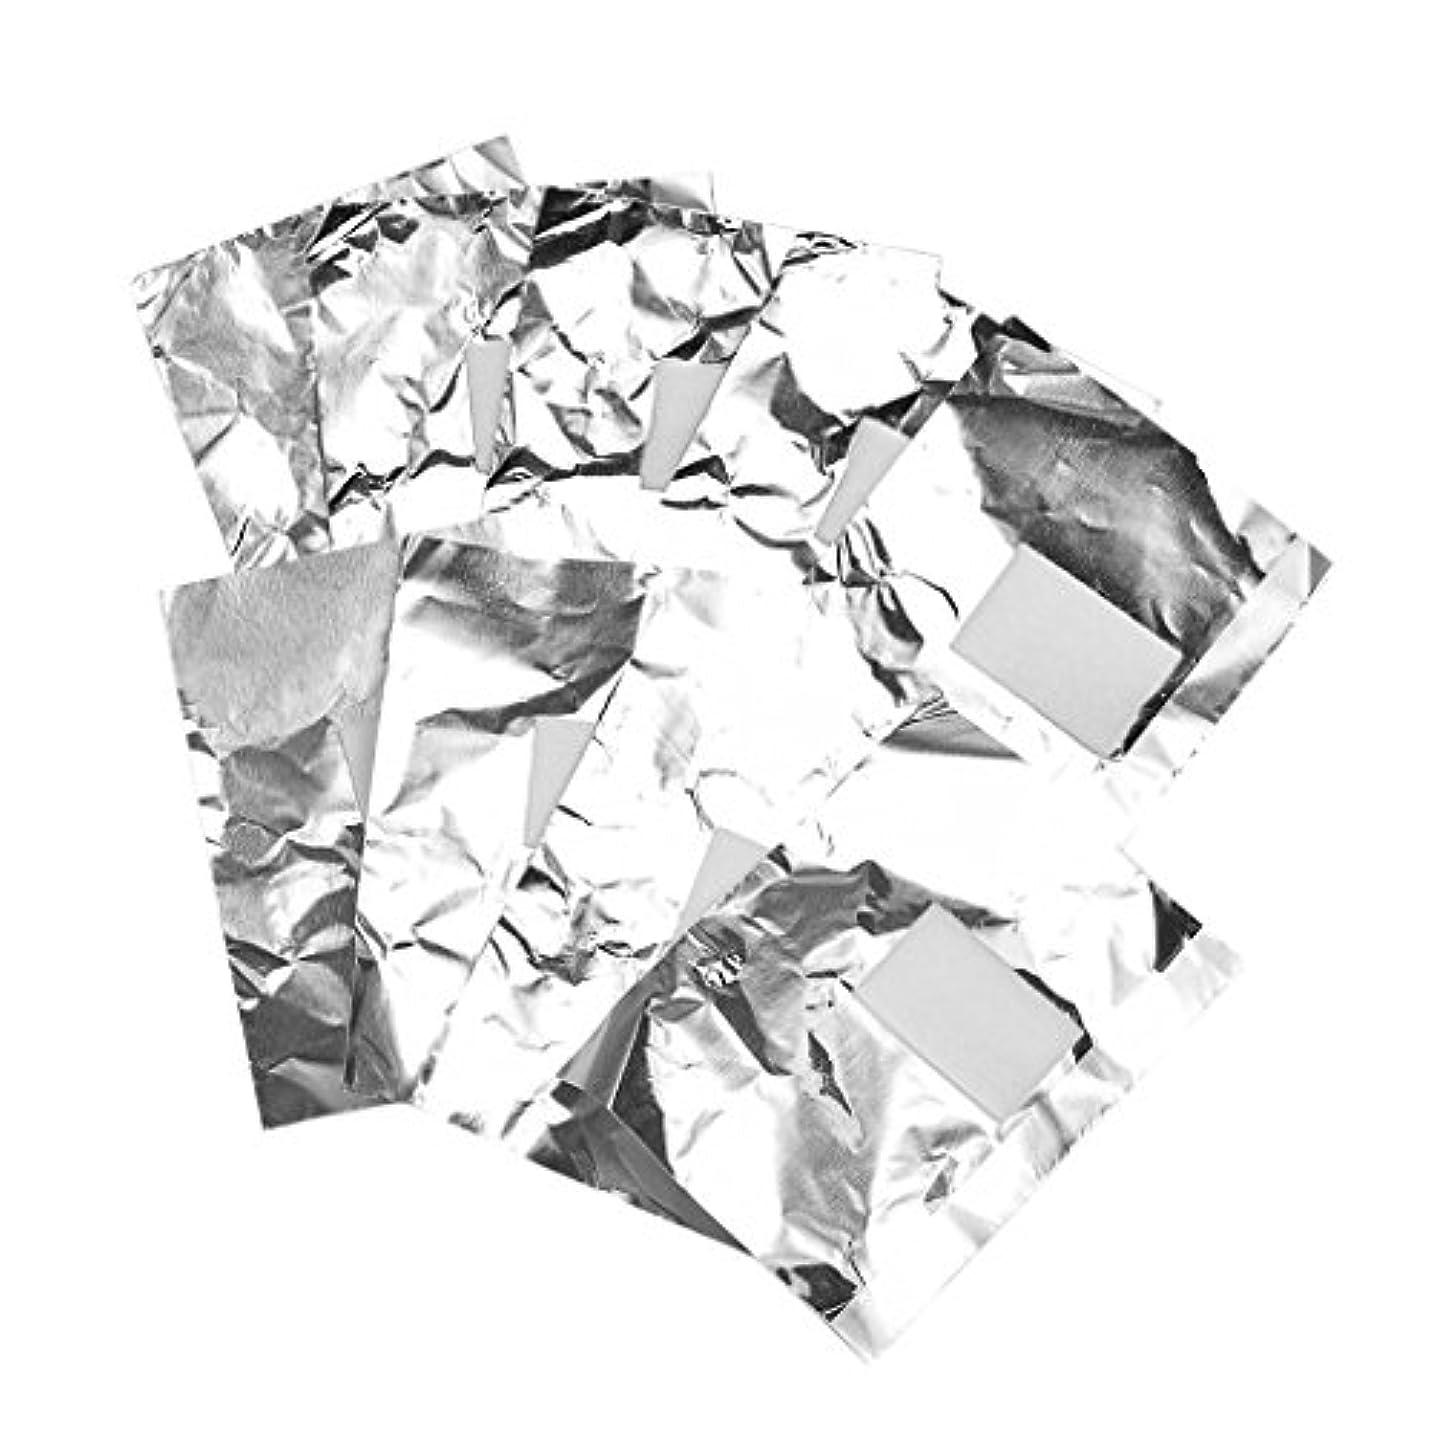 継続中回復するモール約100枚 ジェル除却 ネイルアート ネイル装飾除き 錫箔紙 ネイルオイル 包み紙 クリーナーツール